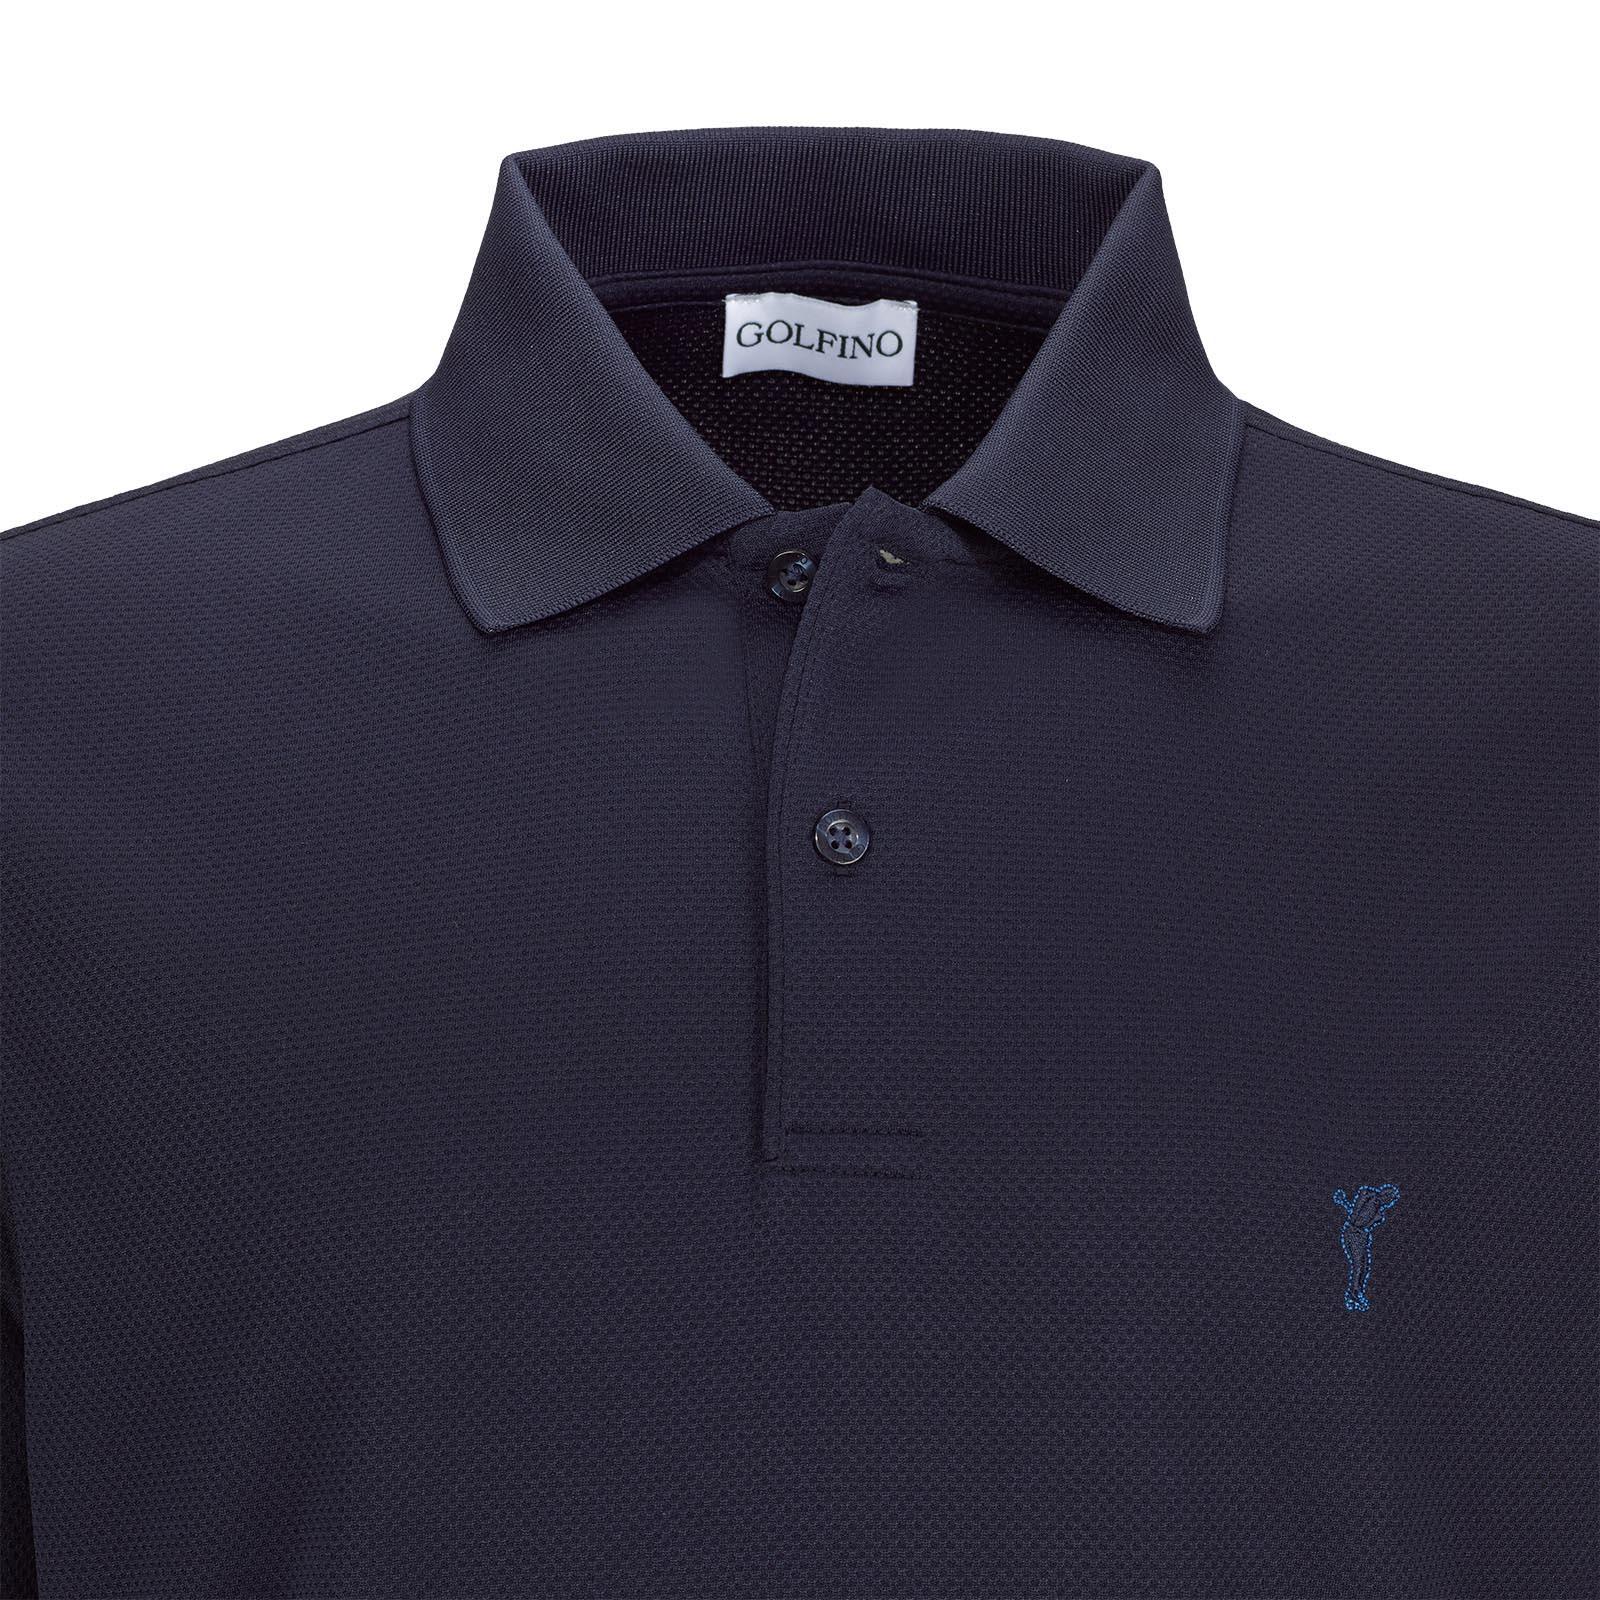 Herren Golfpolo aus antibakteriellem und feuchtigkeitsregulierendem Material